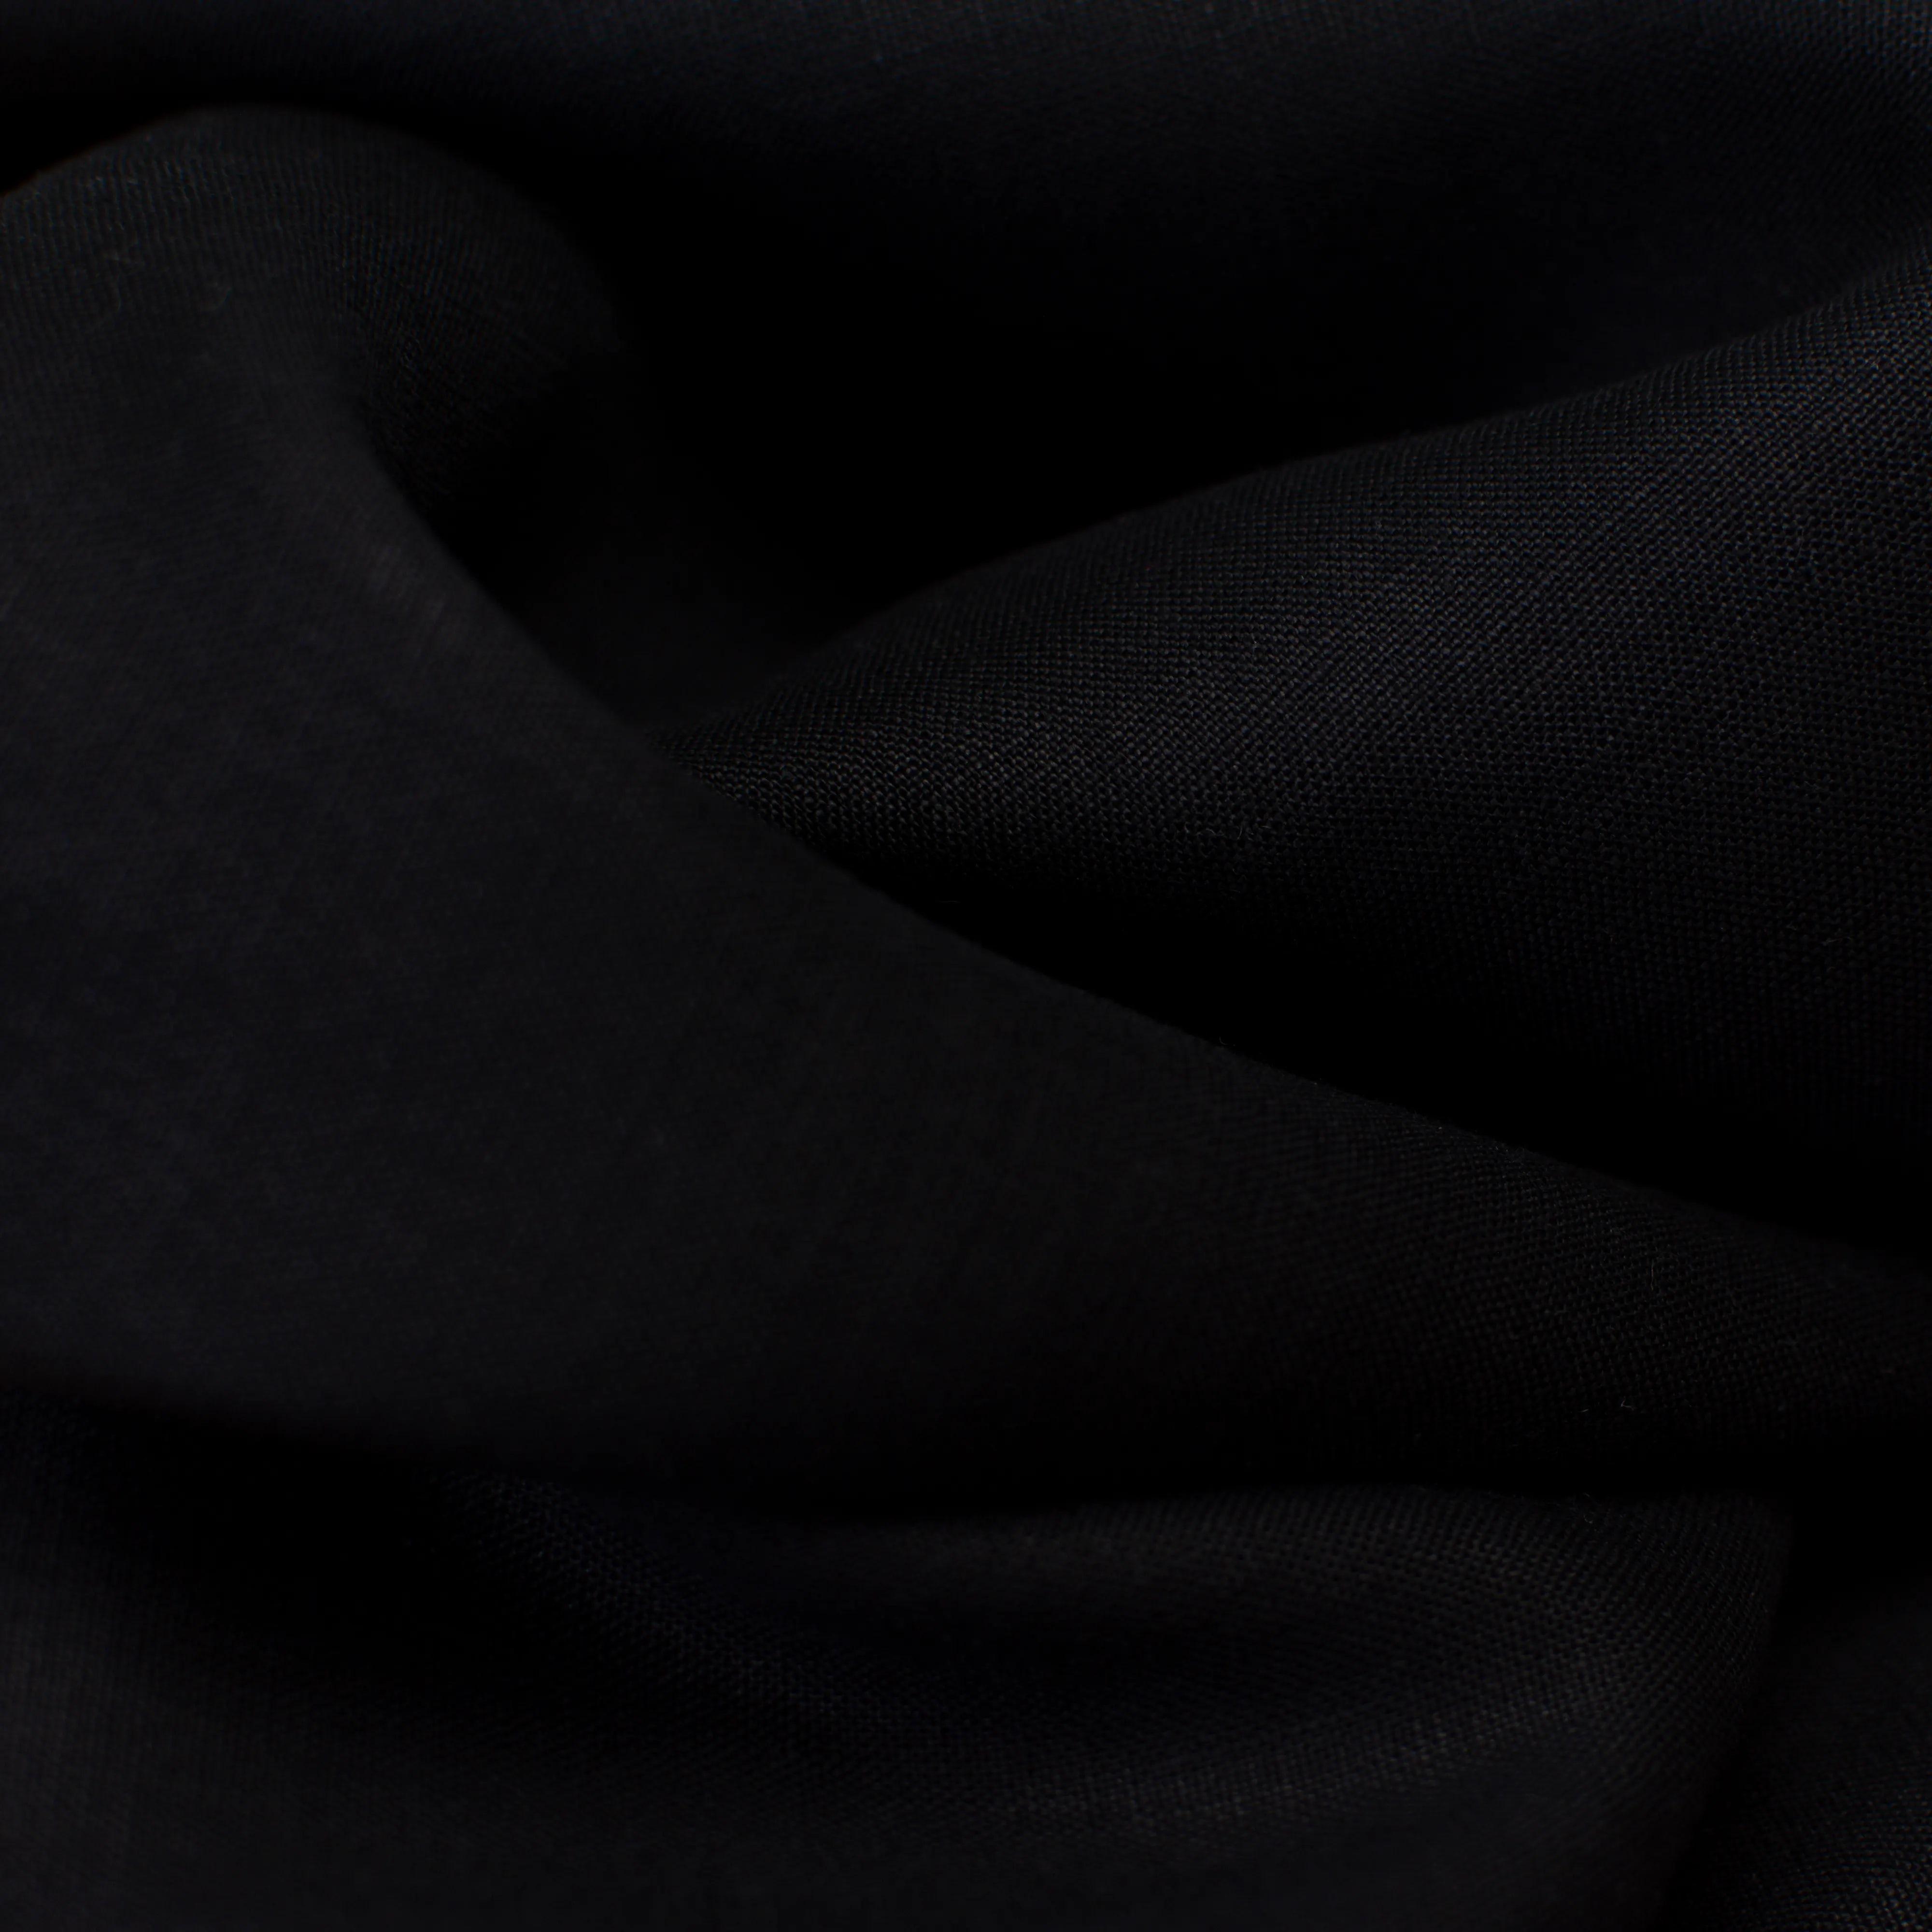 Leinen - Gewebe fein - schwarz